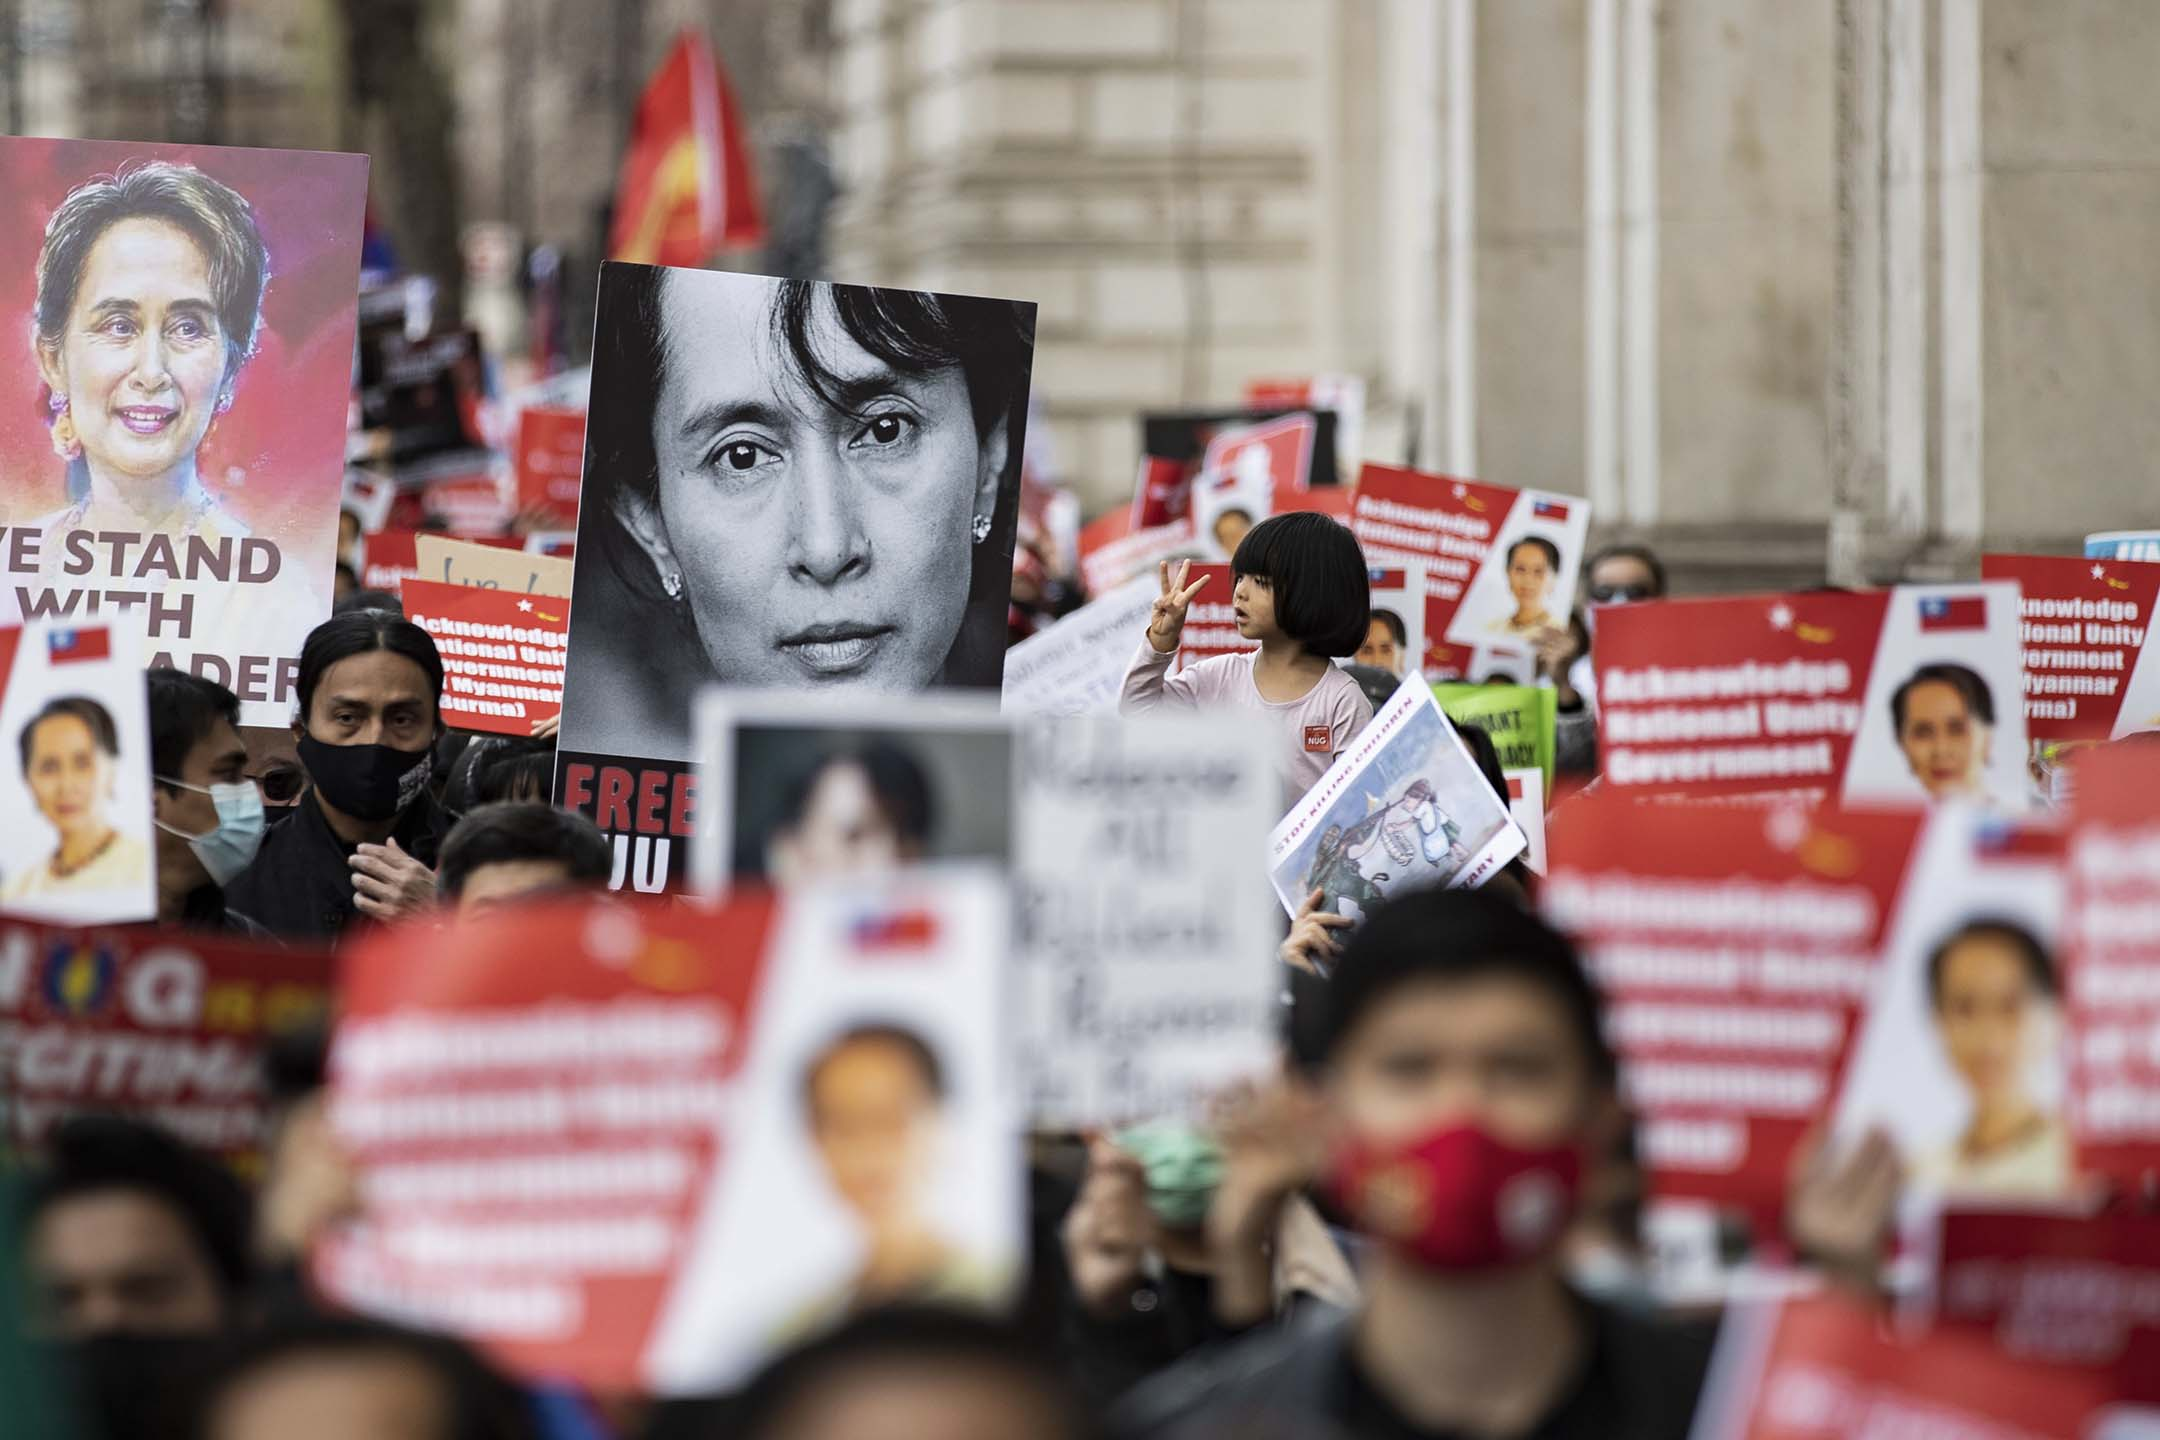 2021年5月2日倫敦,示威者舉行印有昂山素姬的標語牌。